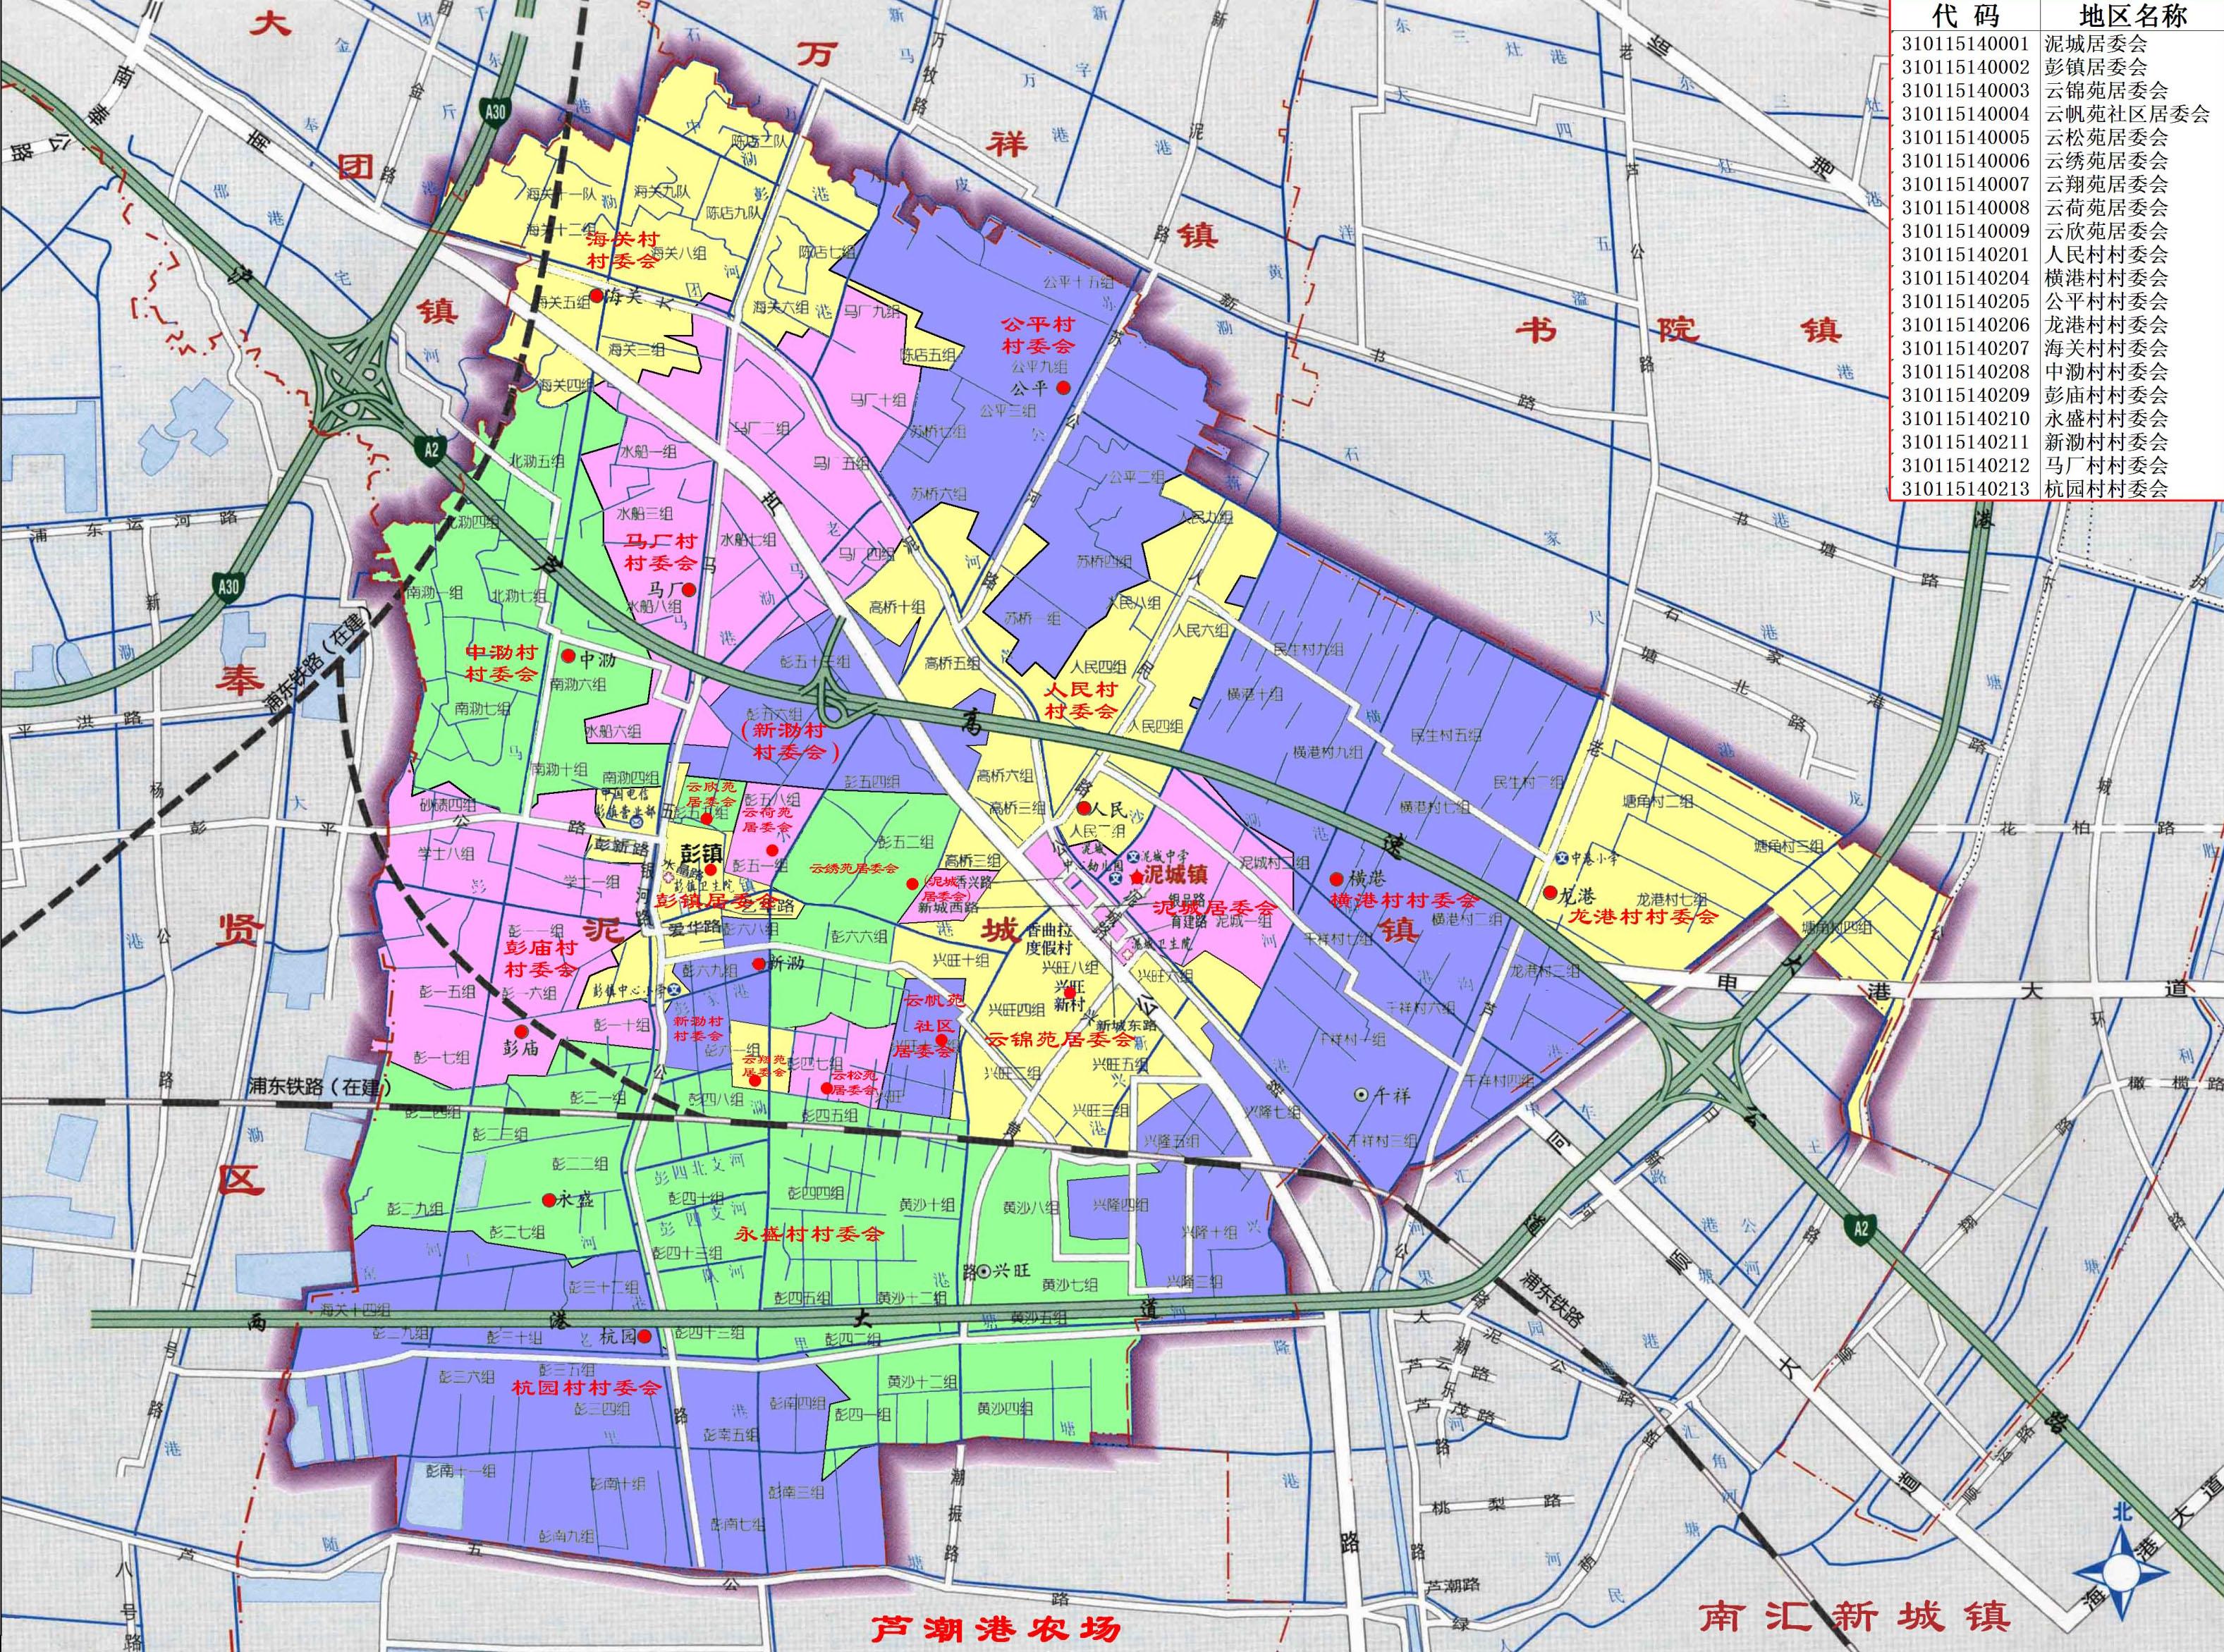 浦东新区泥城镇地图